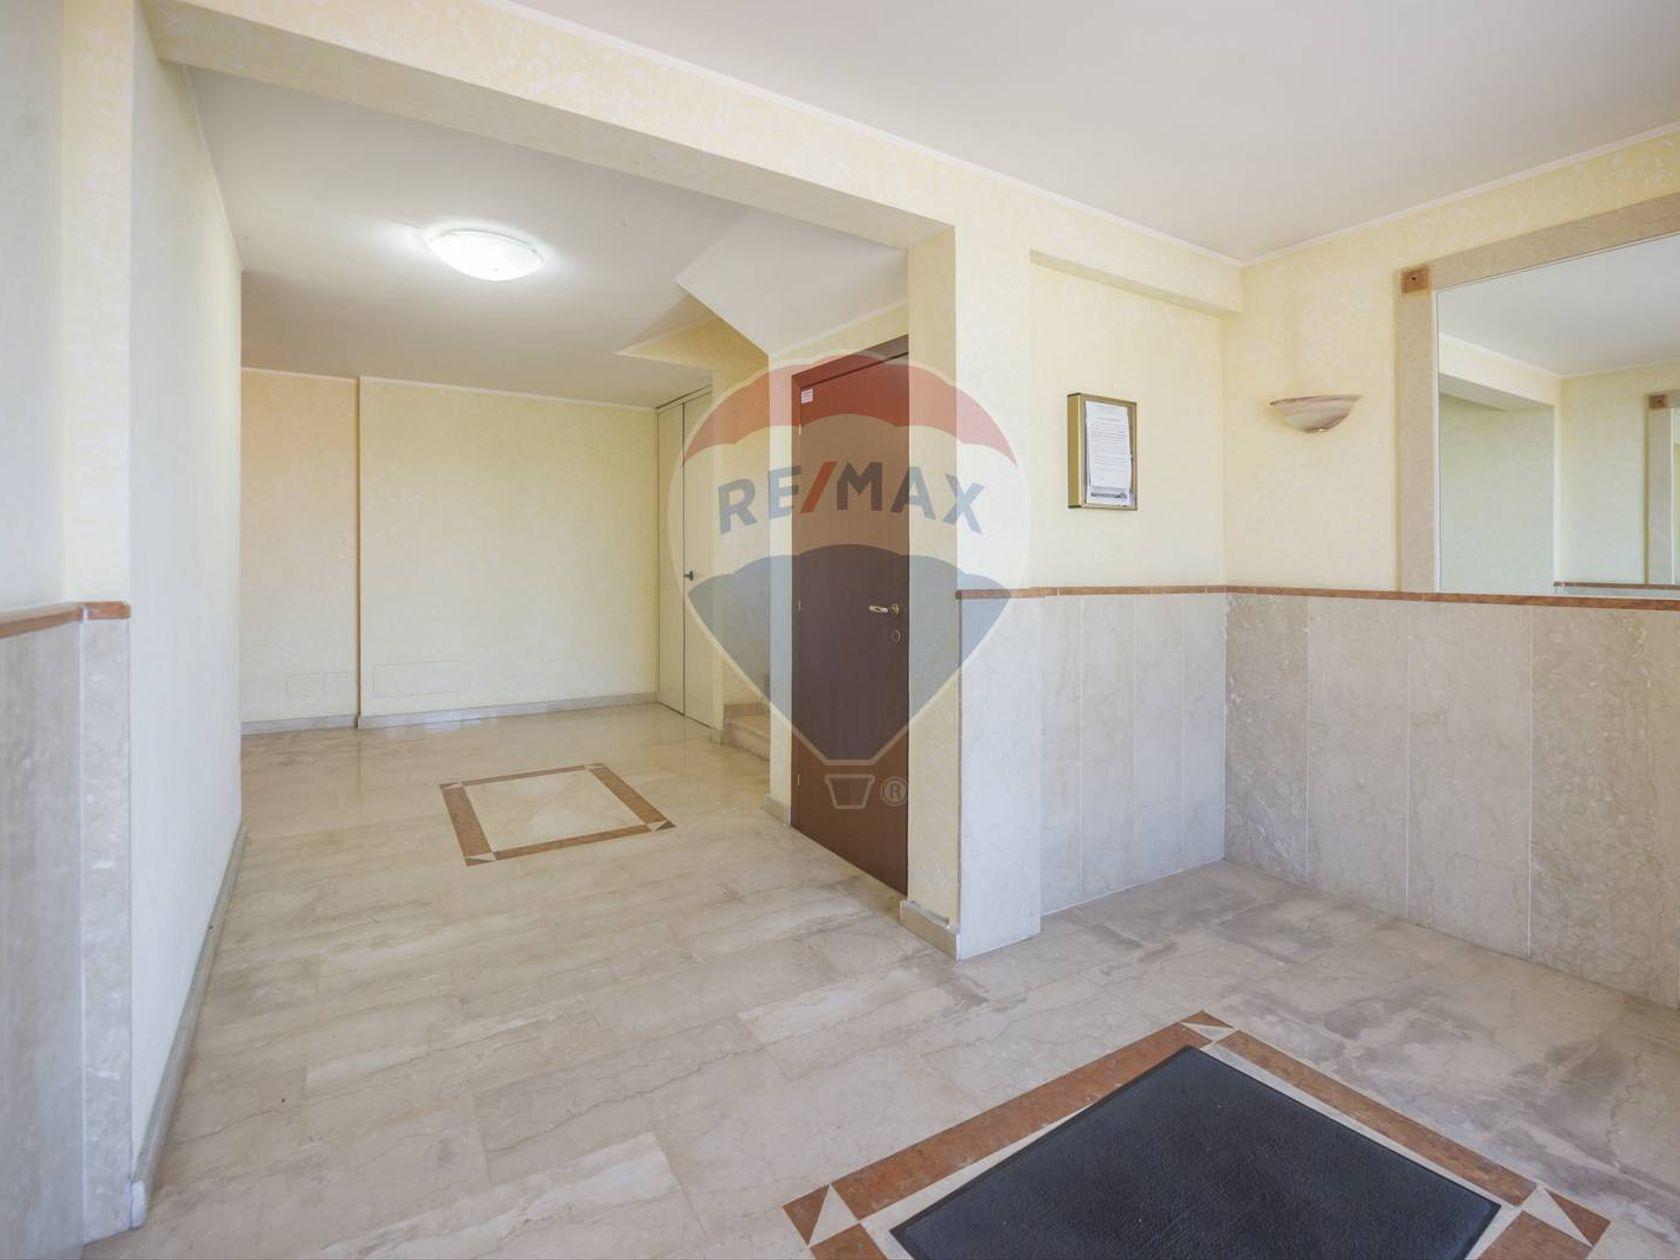 Appartamento Madonna delle Piane, Chieti, CH Vendita - Foto 4